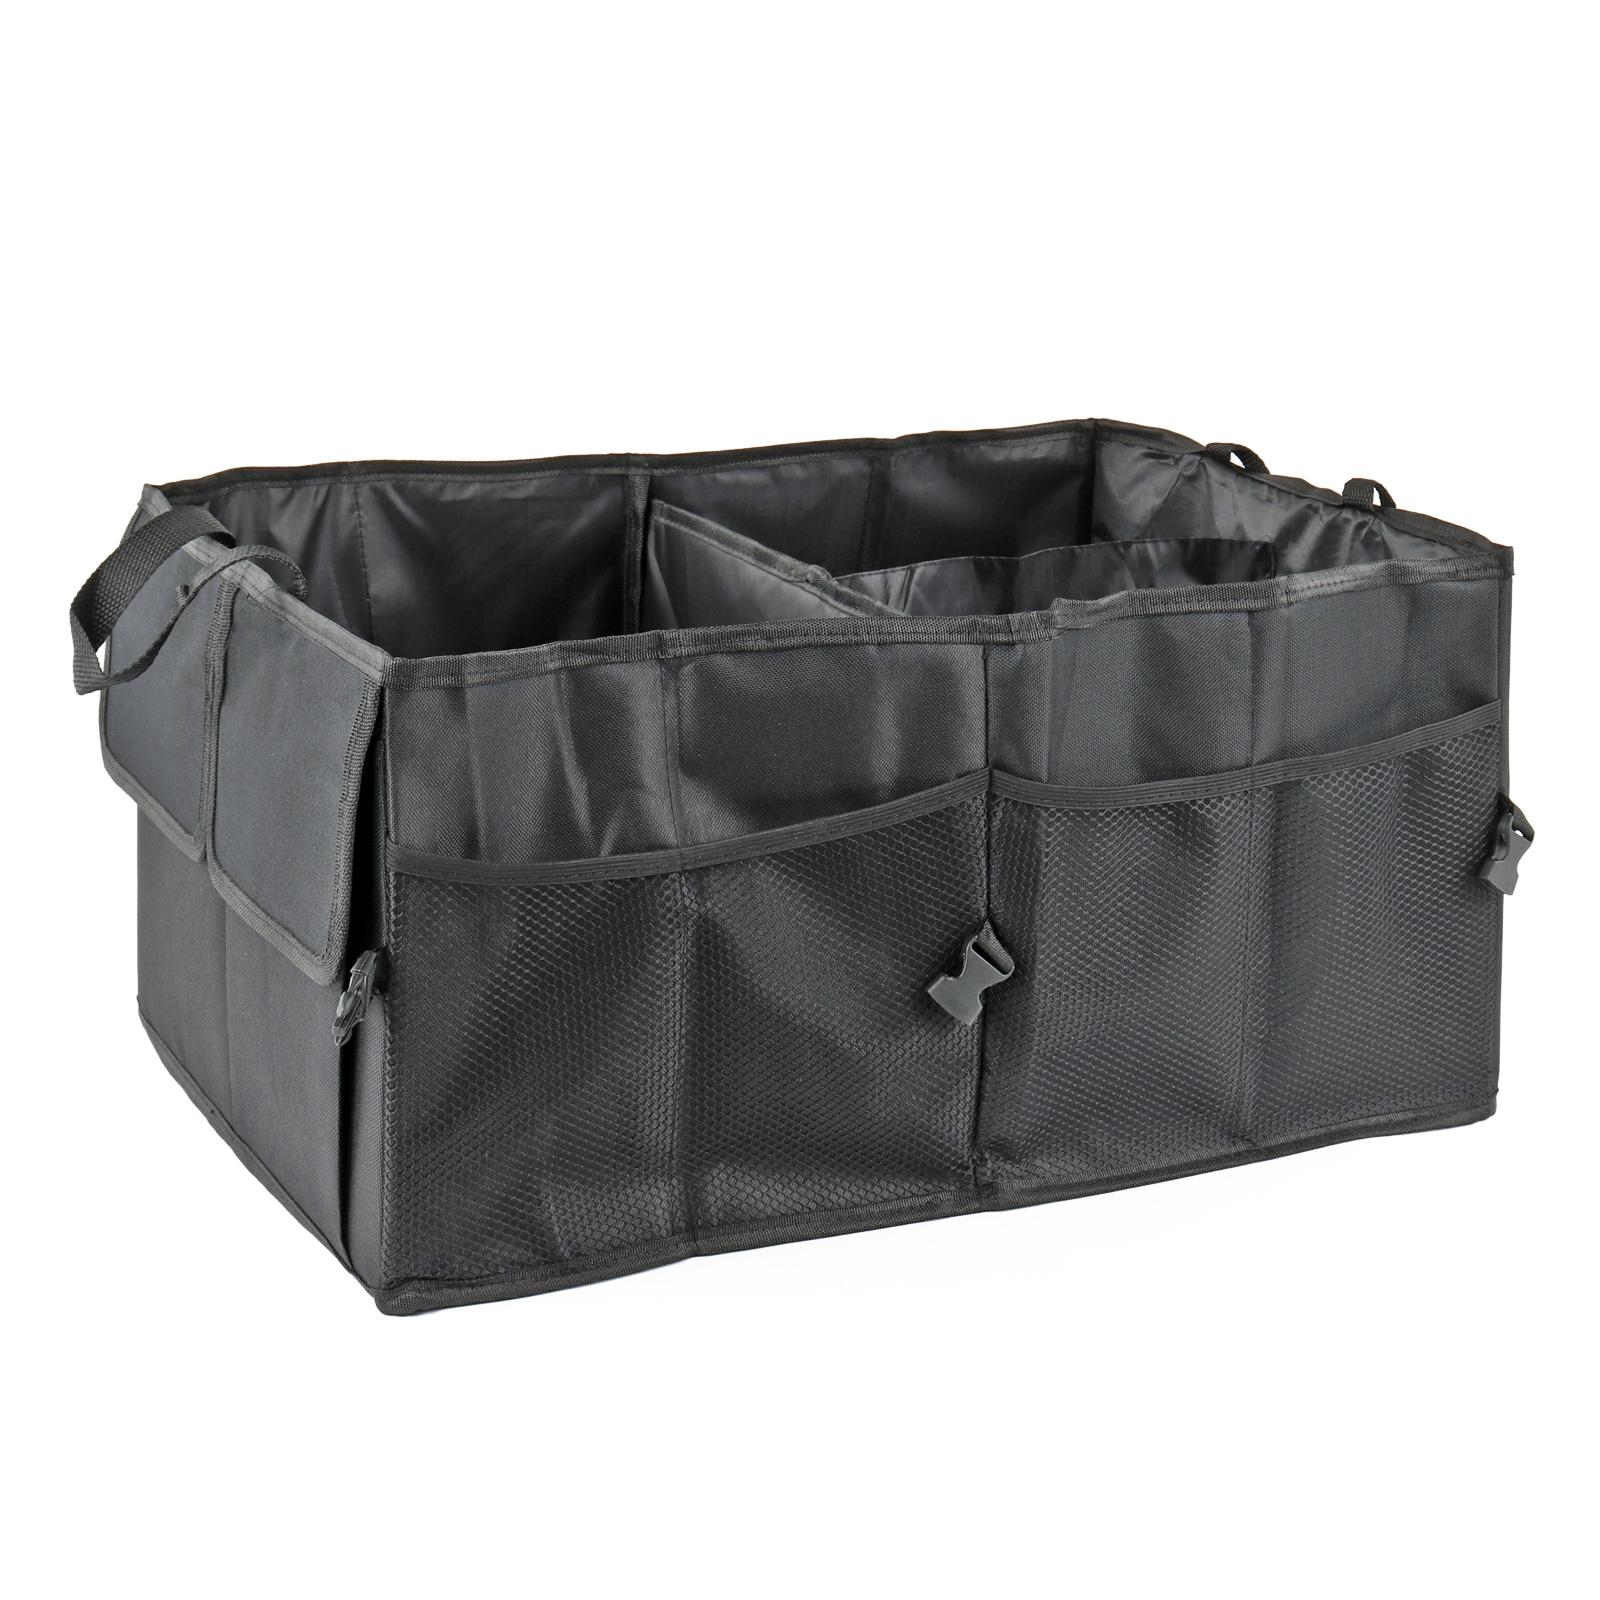 Kofferraum Organizer, Polyestergewebe, 52 x 38 x 26 cm, schwarz